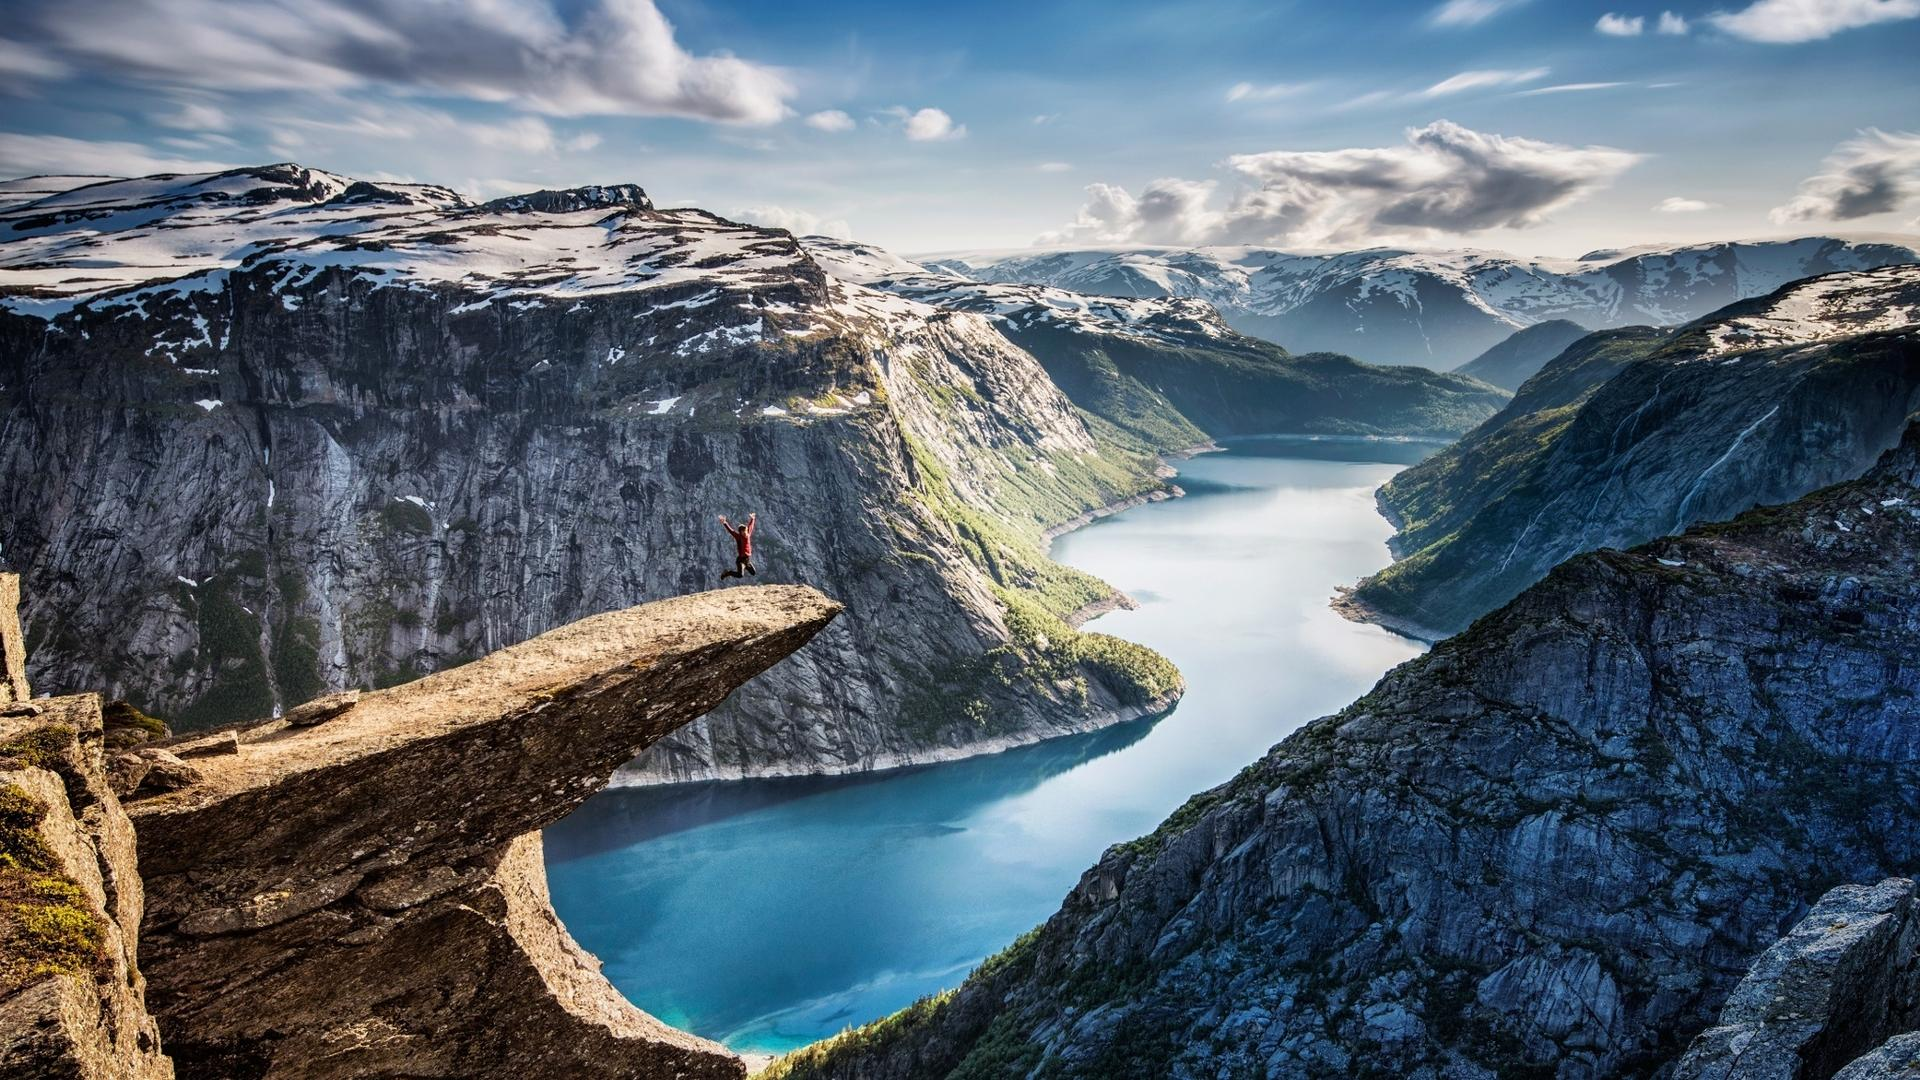 自然山水风景画壁纸 大自然壮观风景秀丽山水电脑壁纸